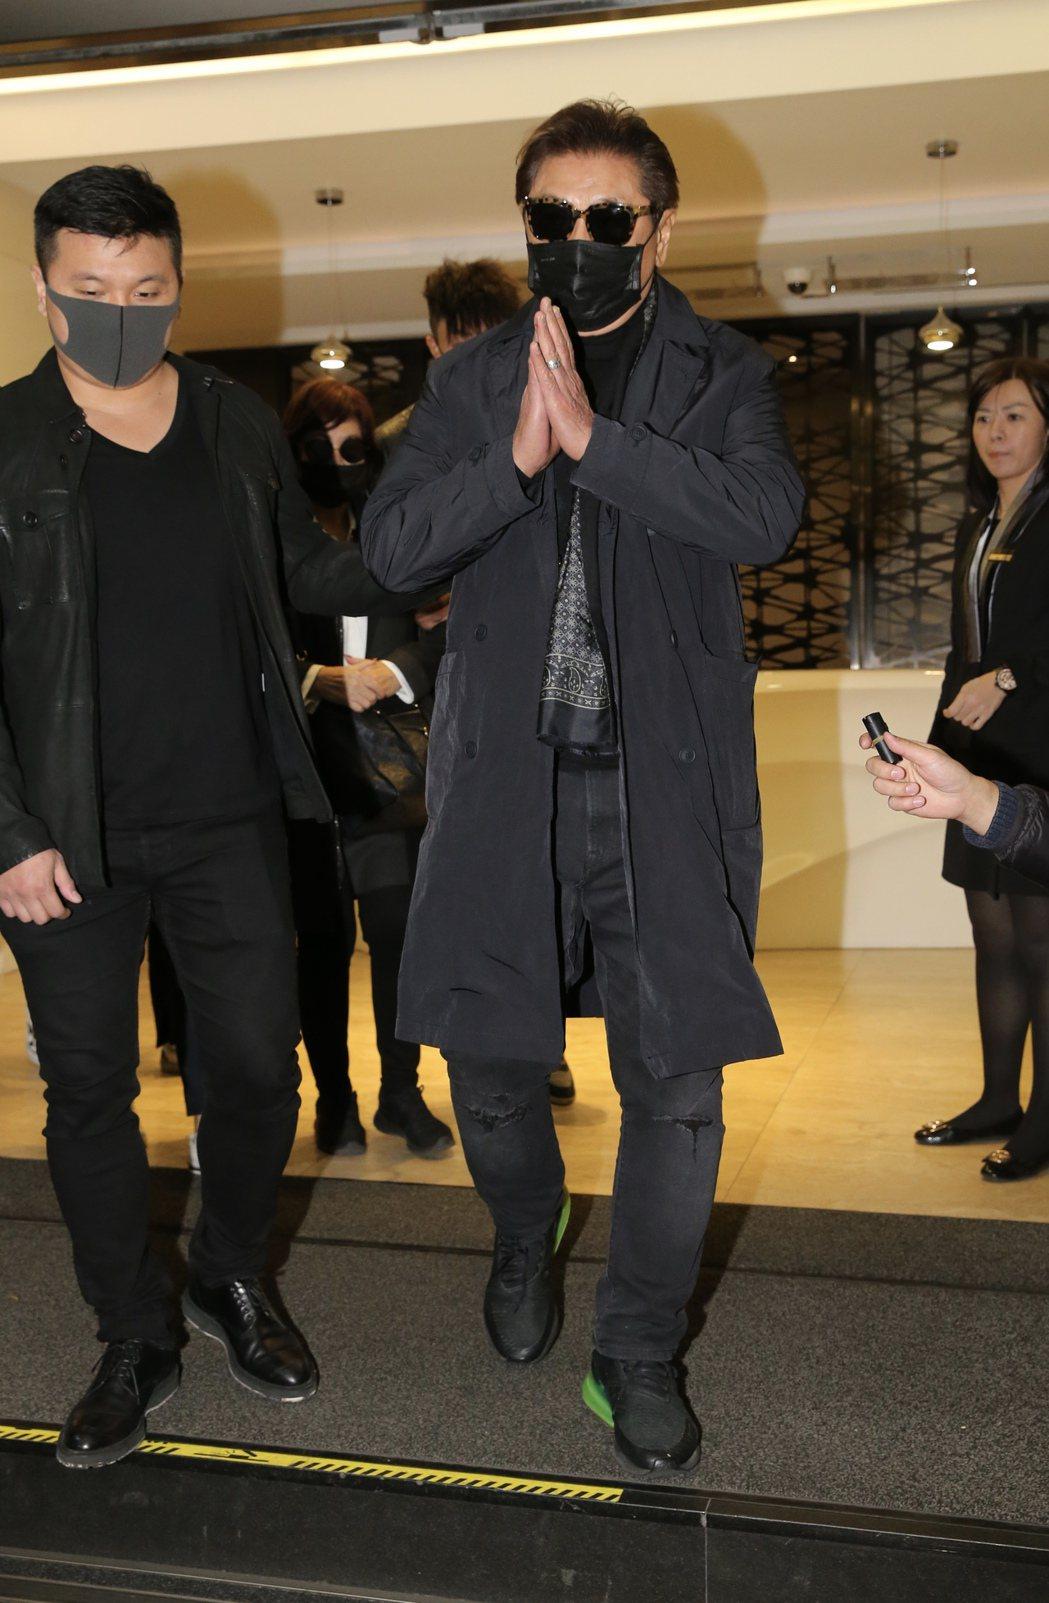 高以翔的父母帶著口罩墨鏡現身,雙手合十感謝大家的關心。記者許正宏/攝影